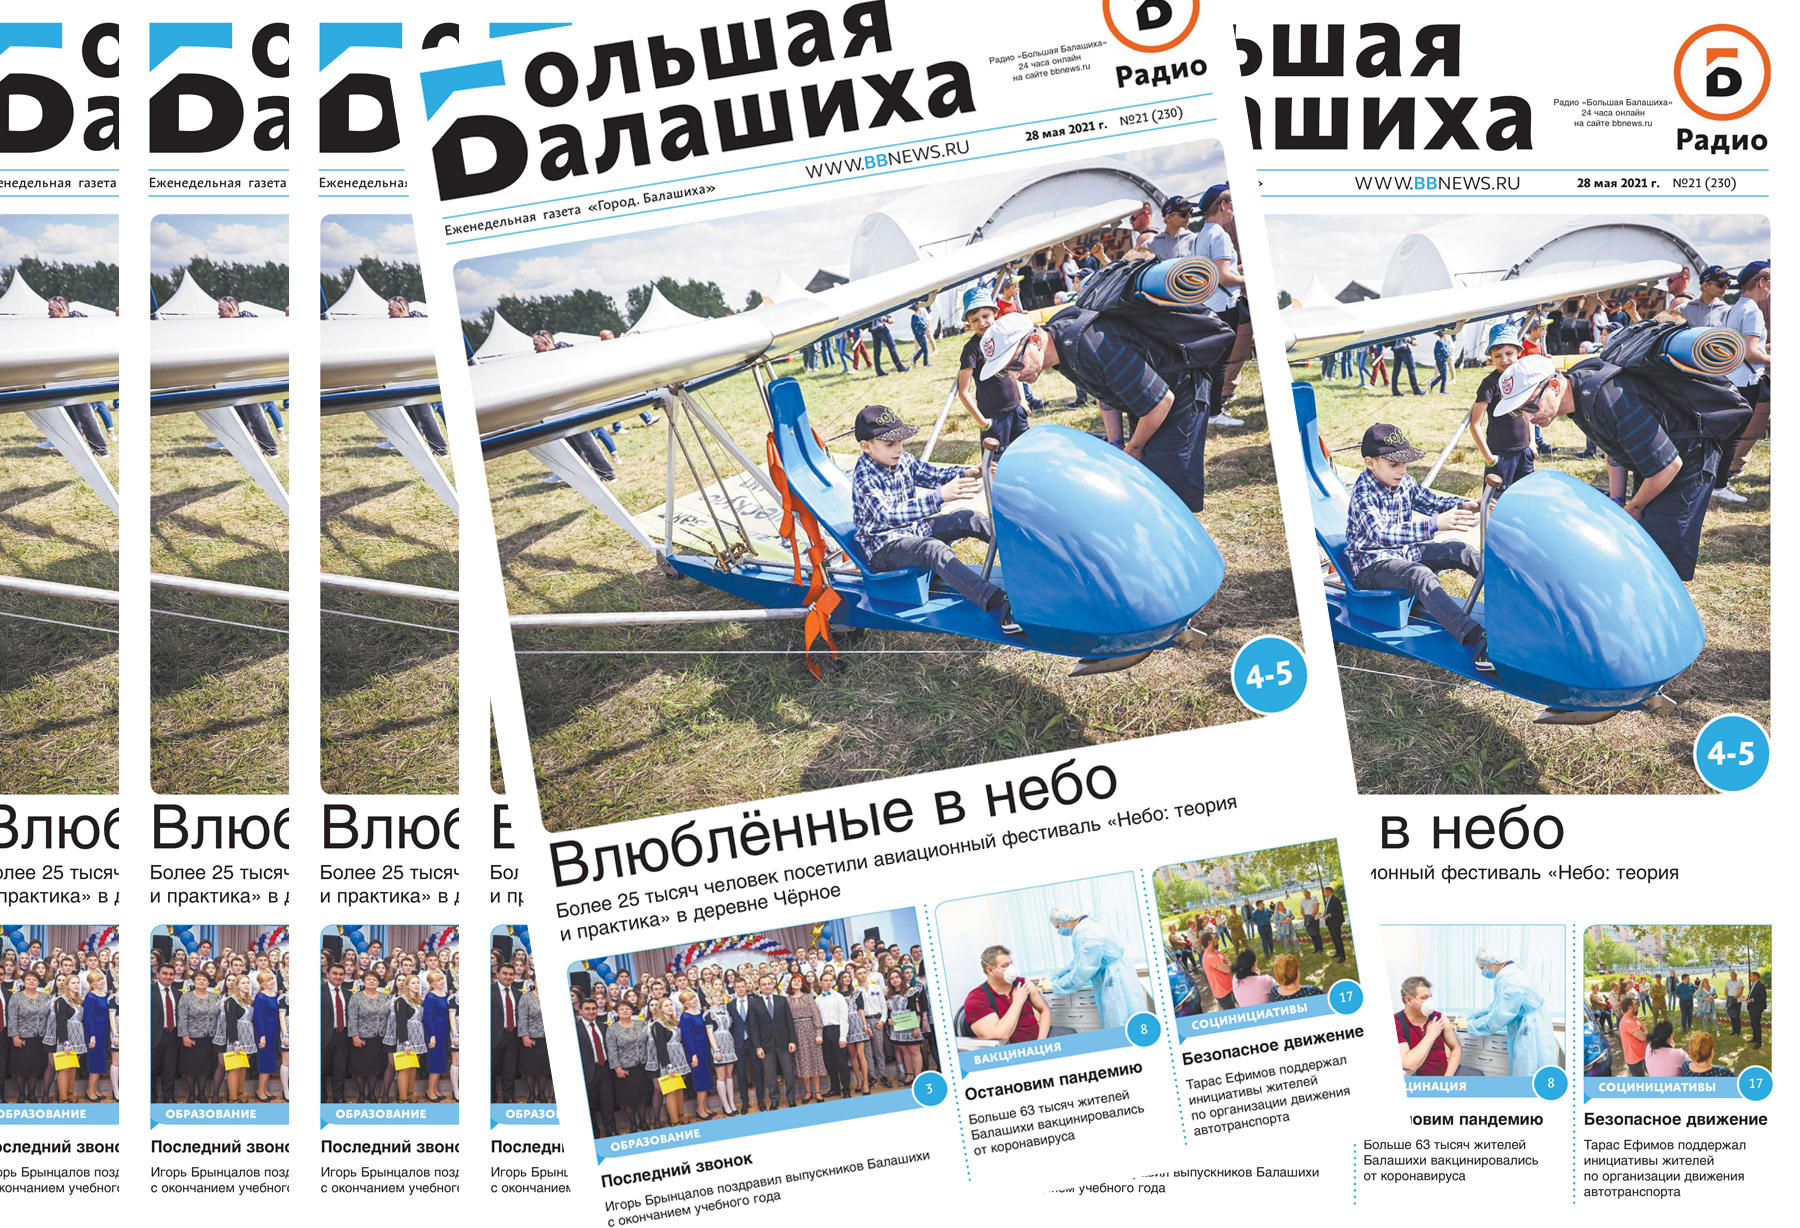 Вышла газета «Город Балашиха» №21 (230)